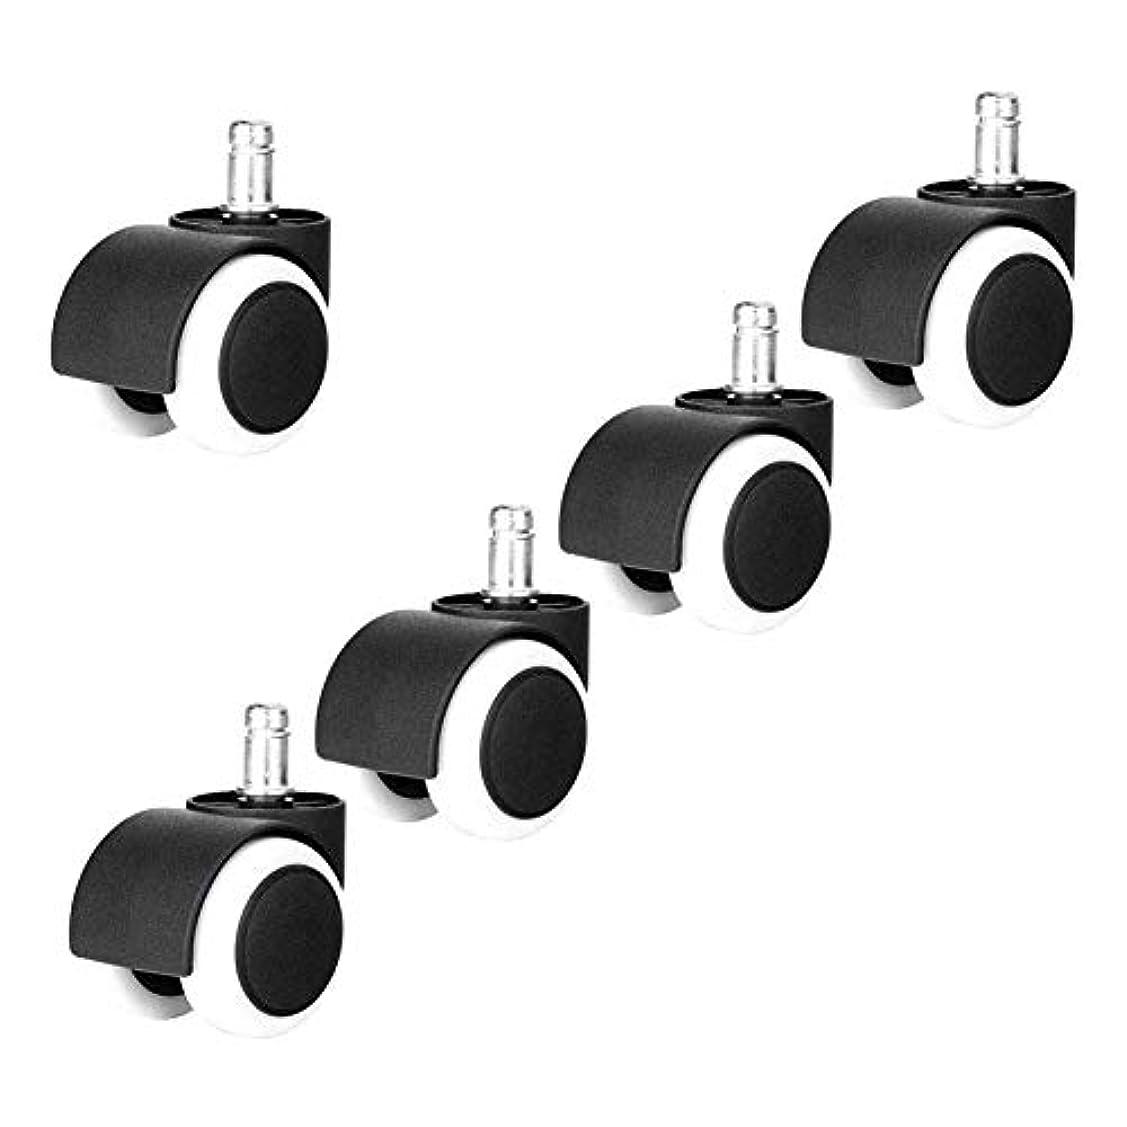 医薬品頑固な本物のZAYAR チェア用ウレタンキャスター オフィスチェア交換用イスキャスター 差込式ポリウレタンチェアホイール 360度回転 静音 傷つけにくい 適応穴直径11mm 5個セット